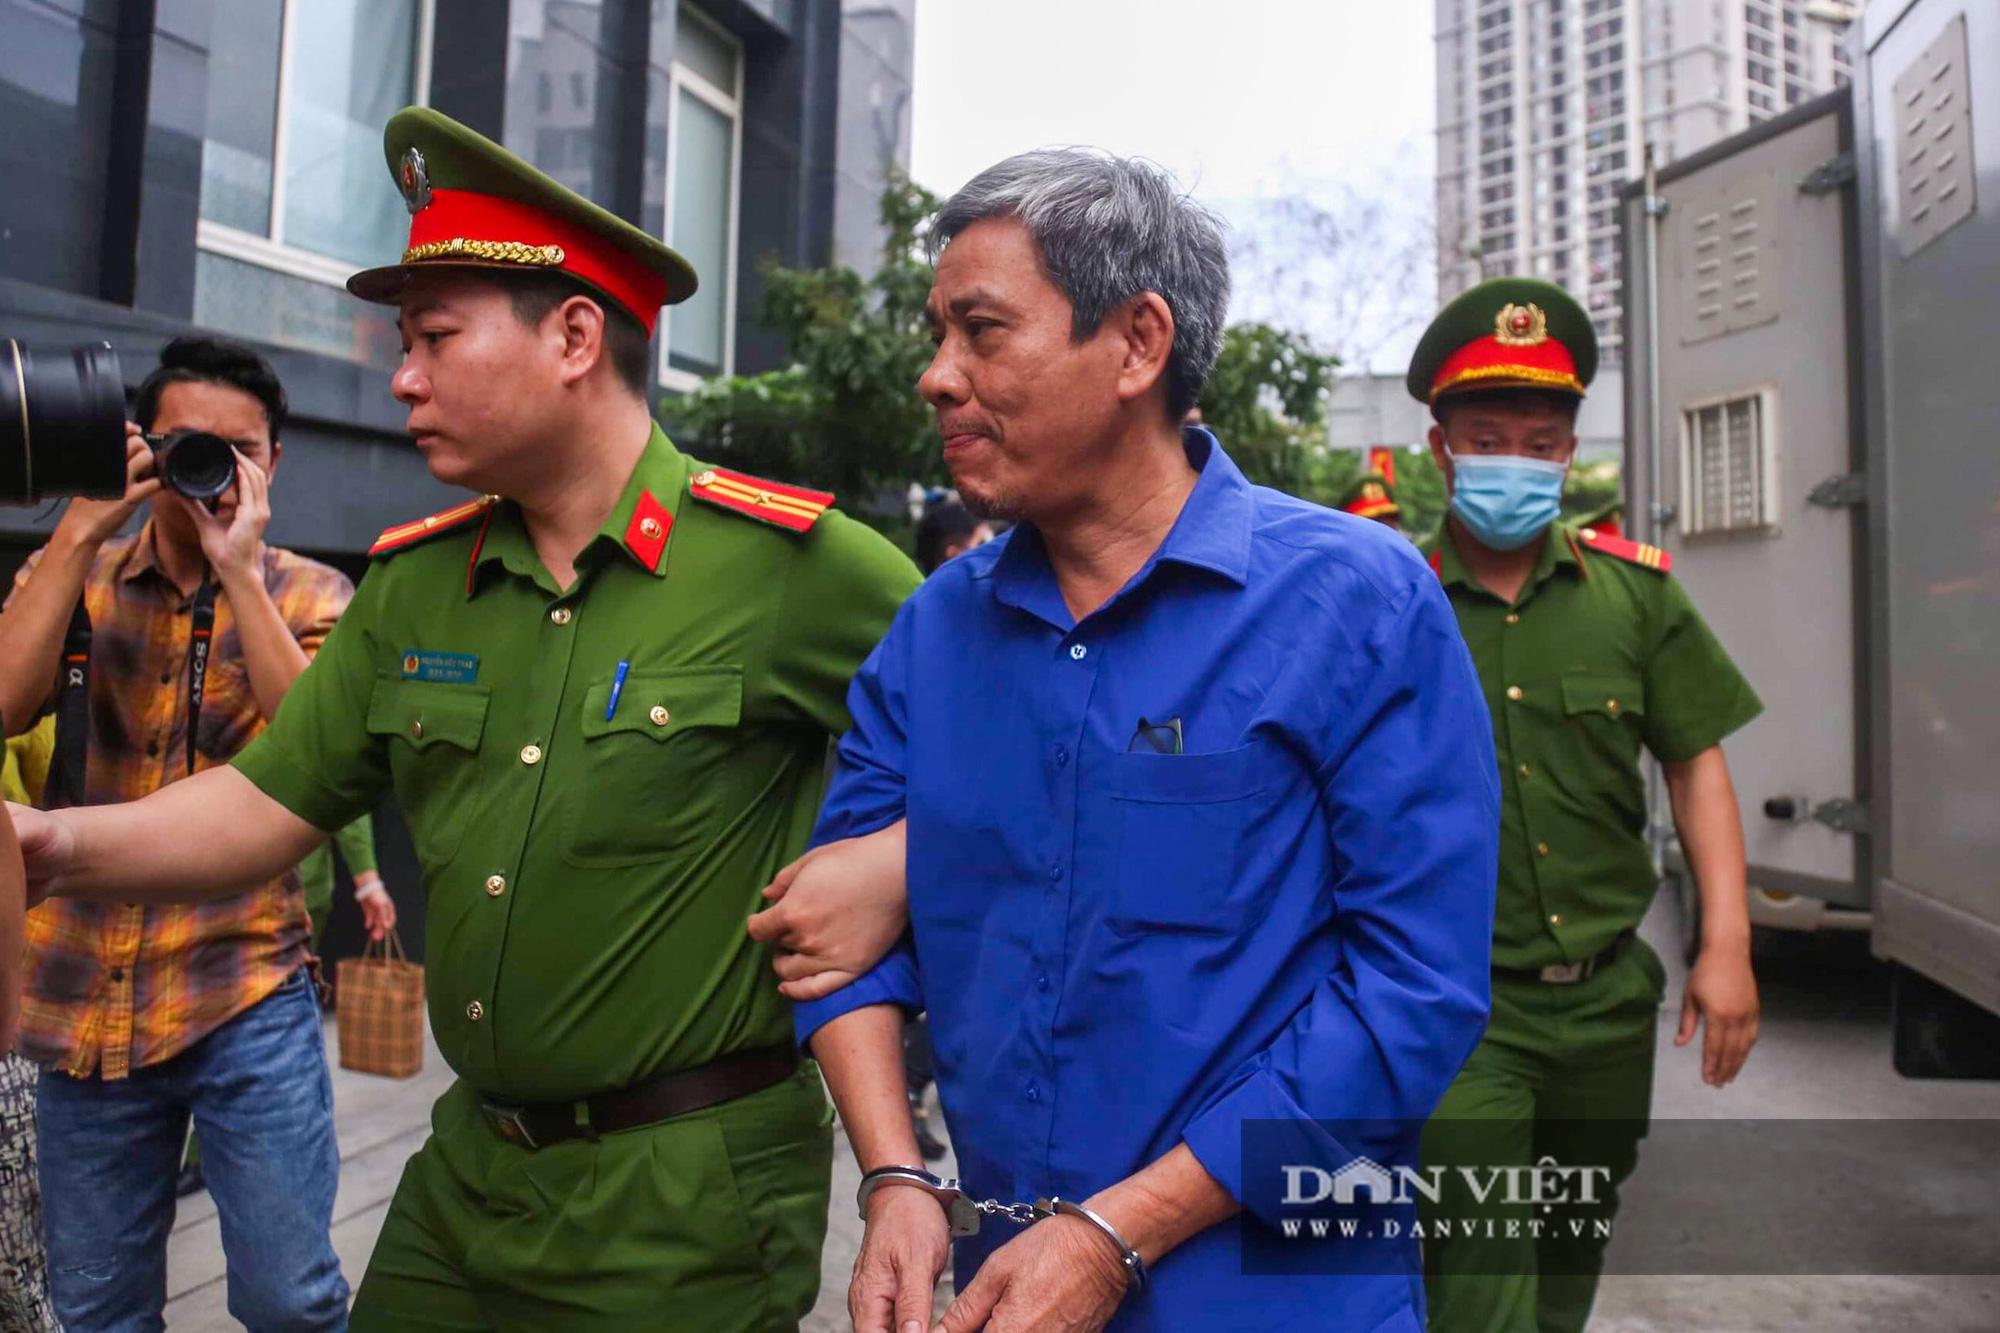 Cựu Bộ trưởng Vũ Huy Hoàng trông thế nào ở phiên xử lần thứ 3? - Ảnh 8.